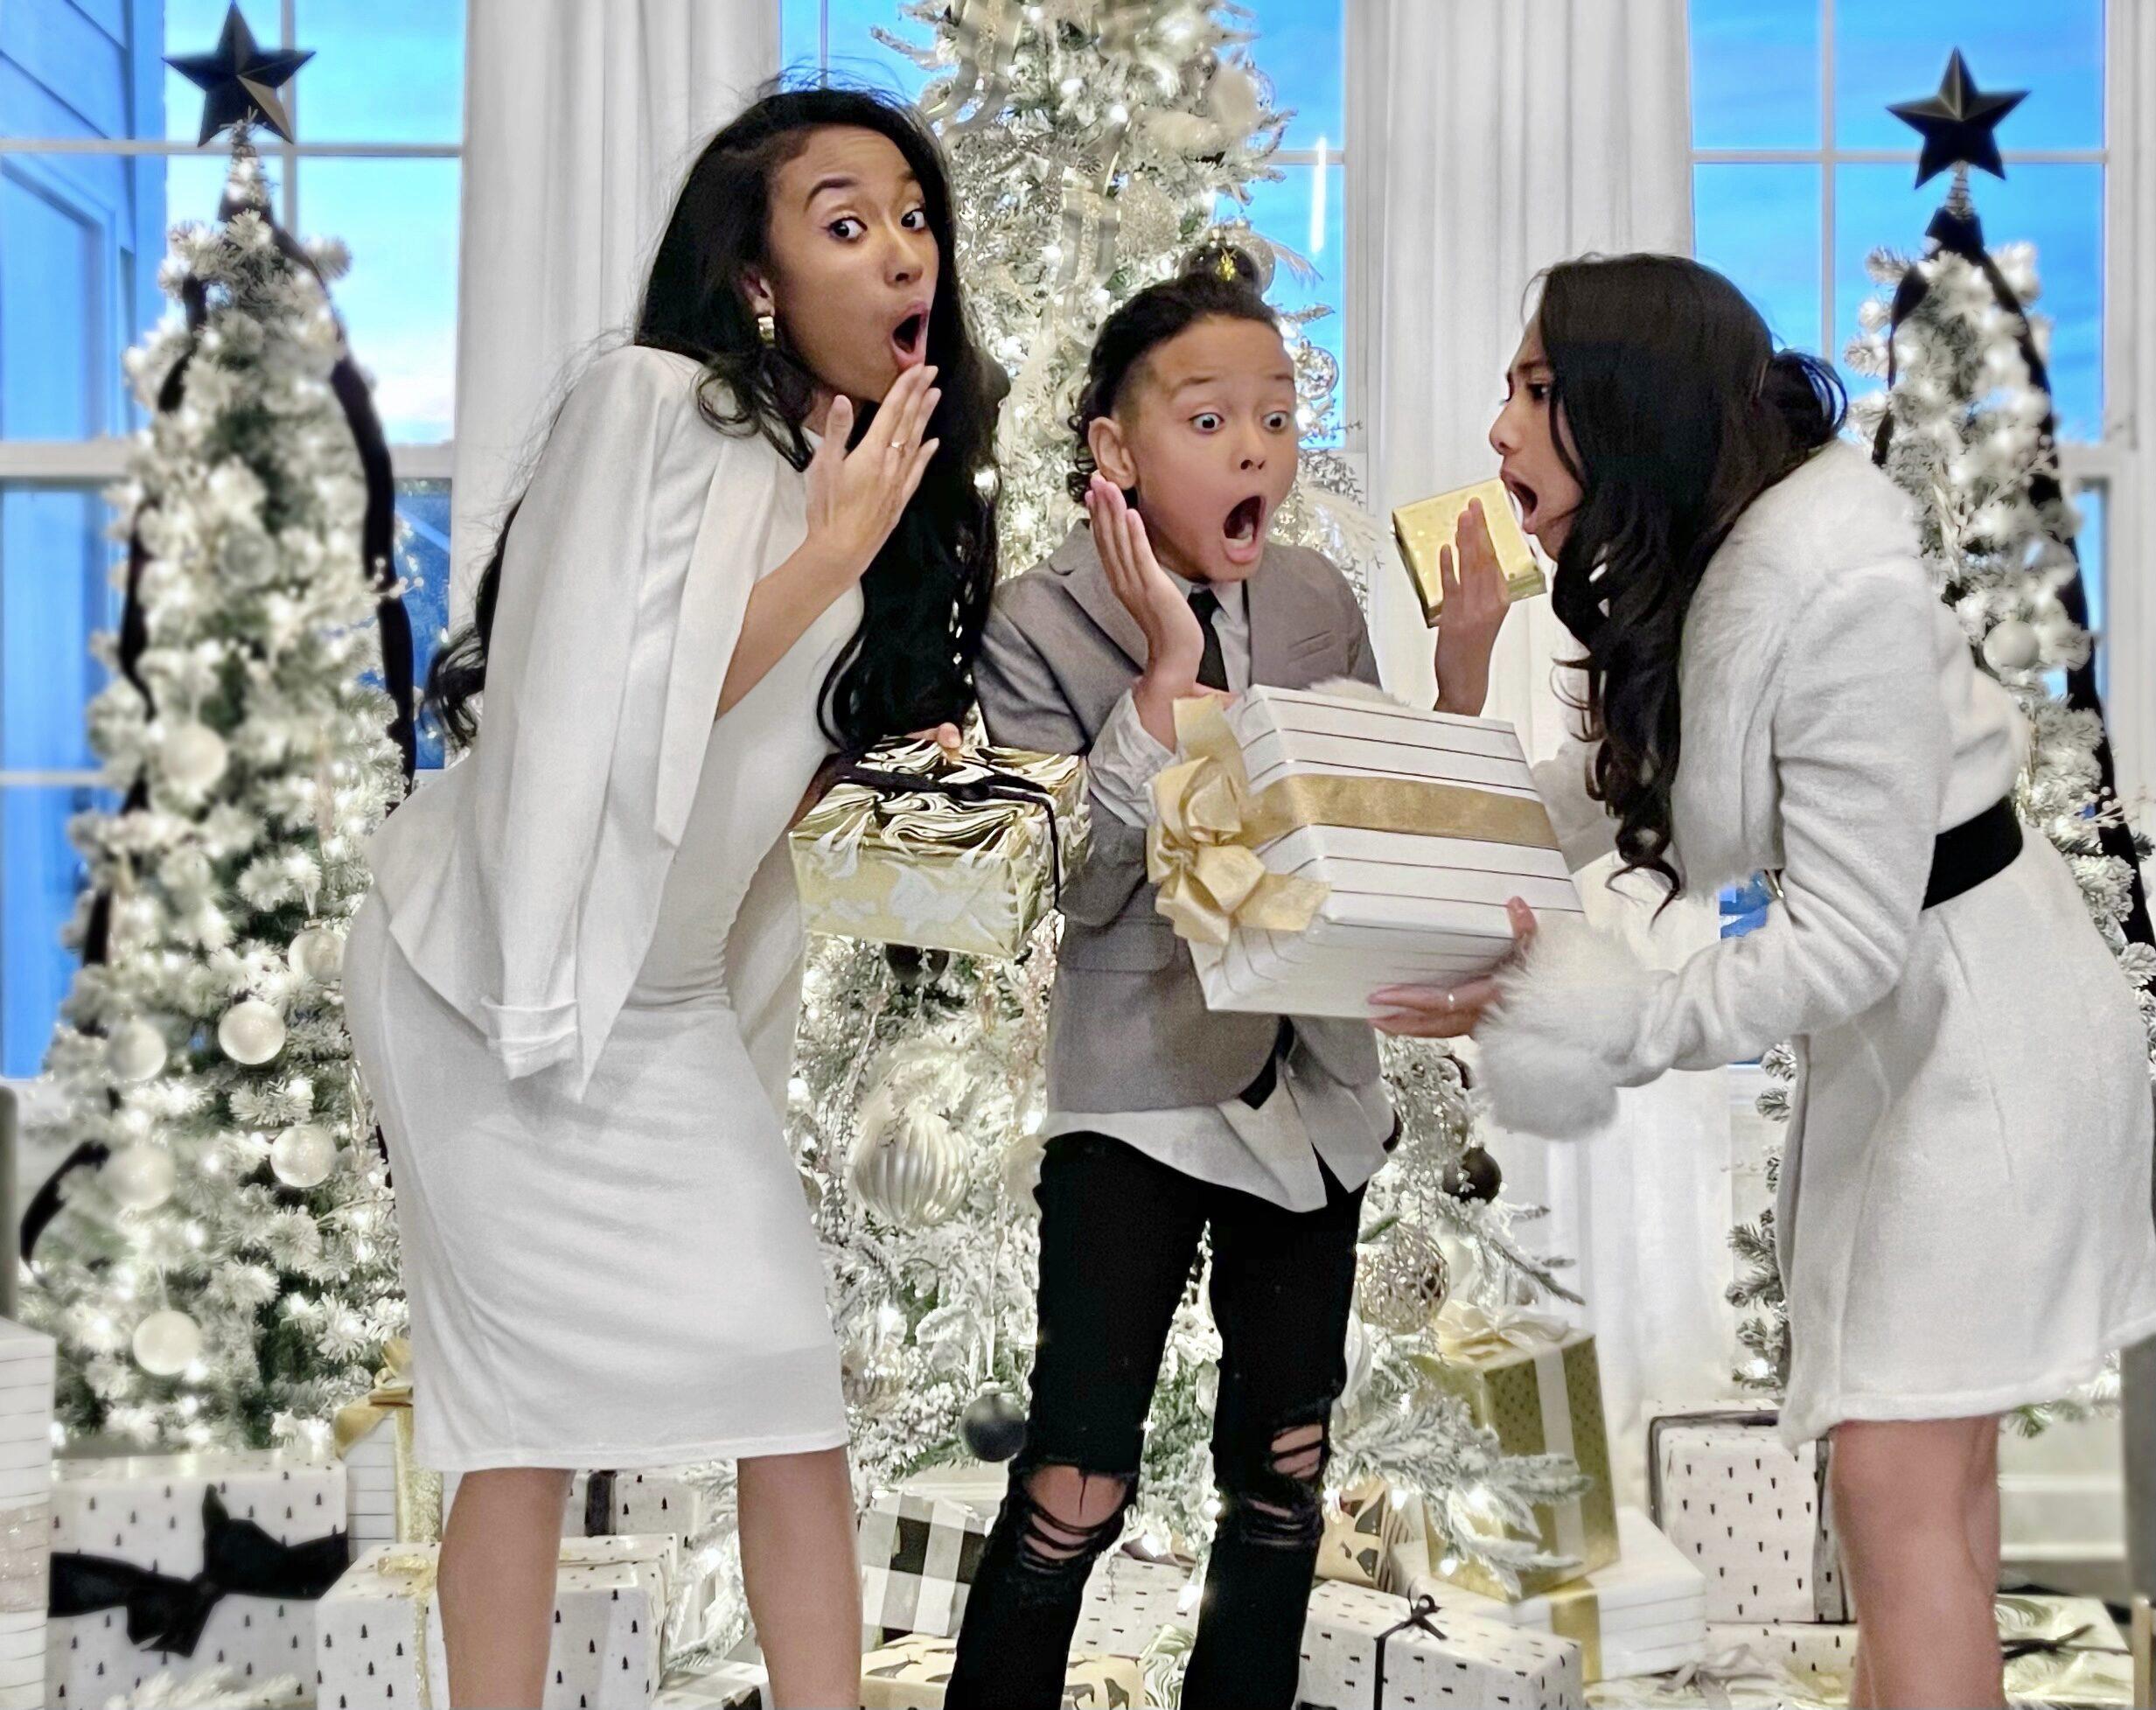 Christmas 2020, covid Christmas, holiday photos